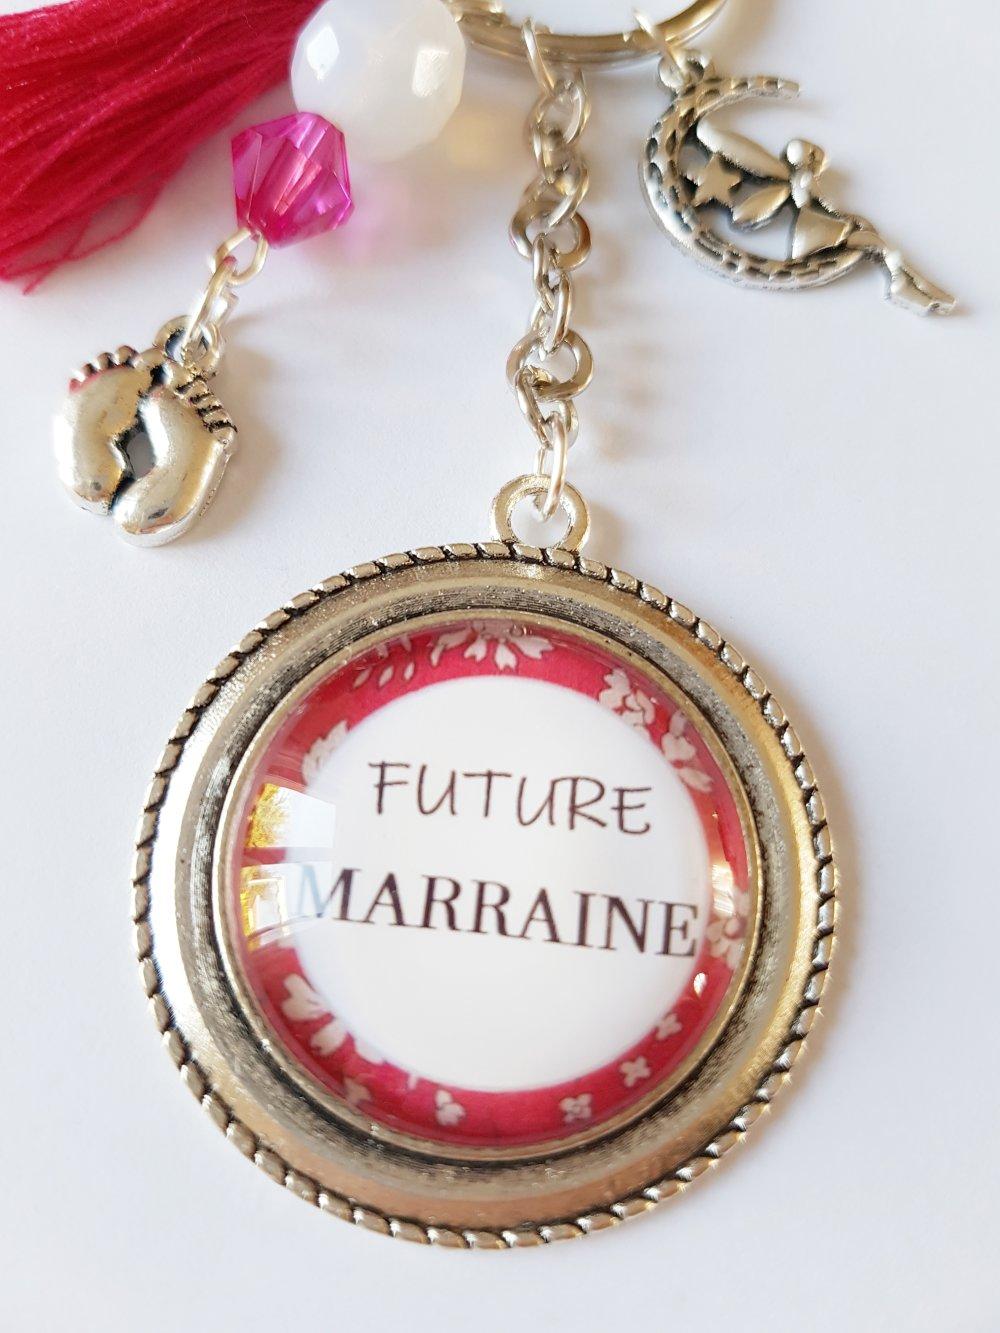 Porte-clef FUTURE MARRAINE petits pieds de bébé fée et pompon rose /  Idée cadeau noël fête anniversaire marraine